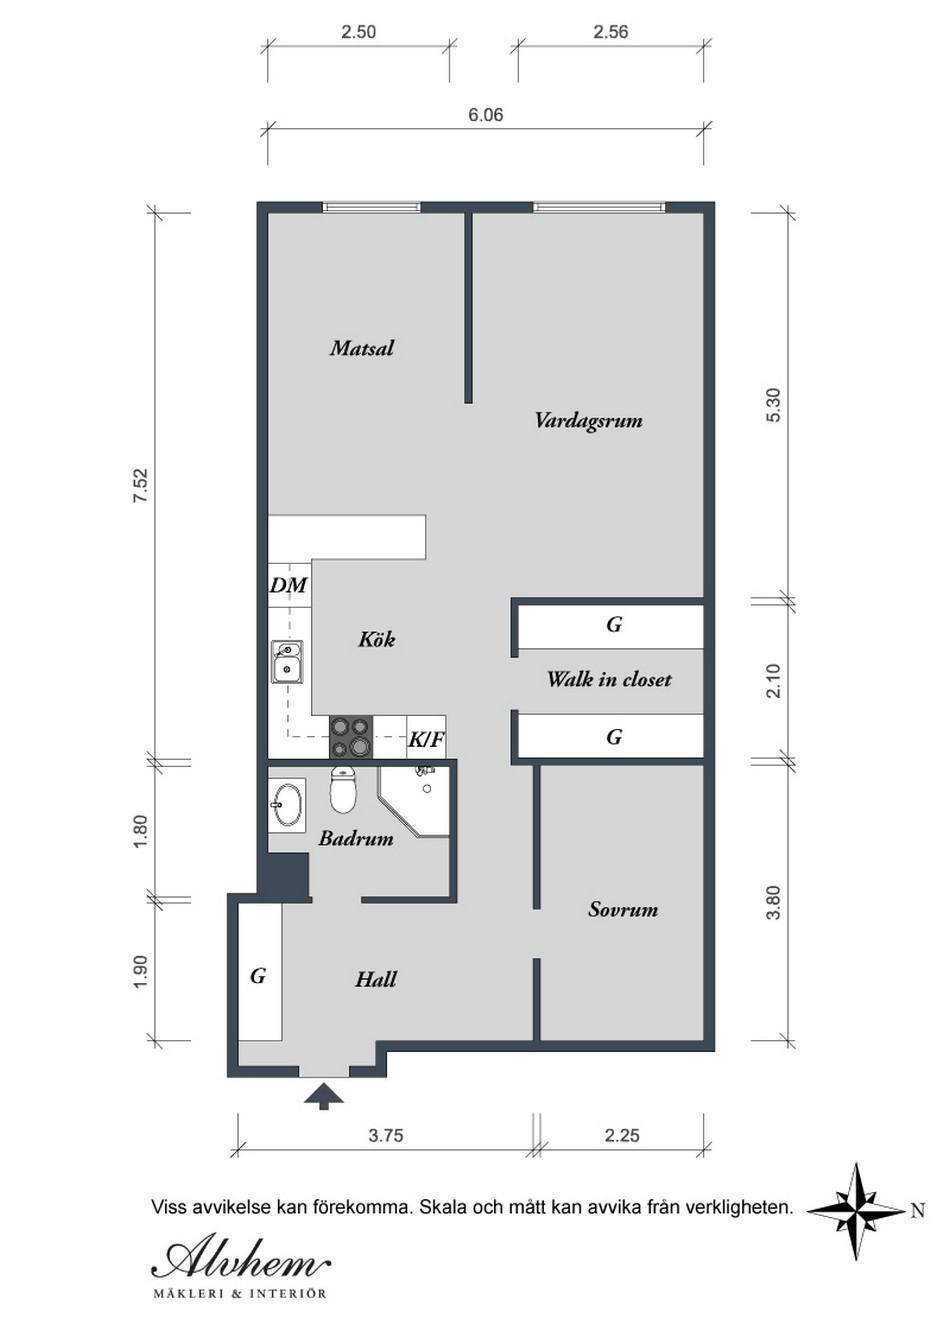 Elementos industriales para apartamentos